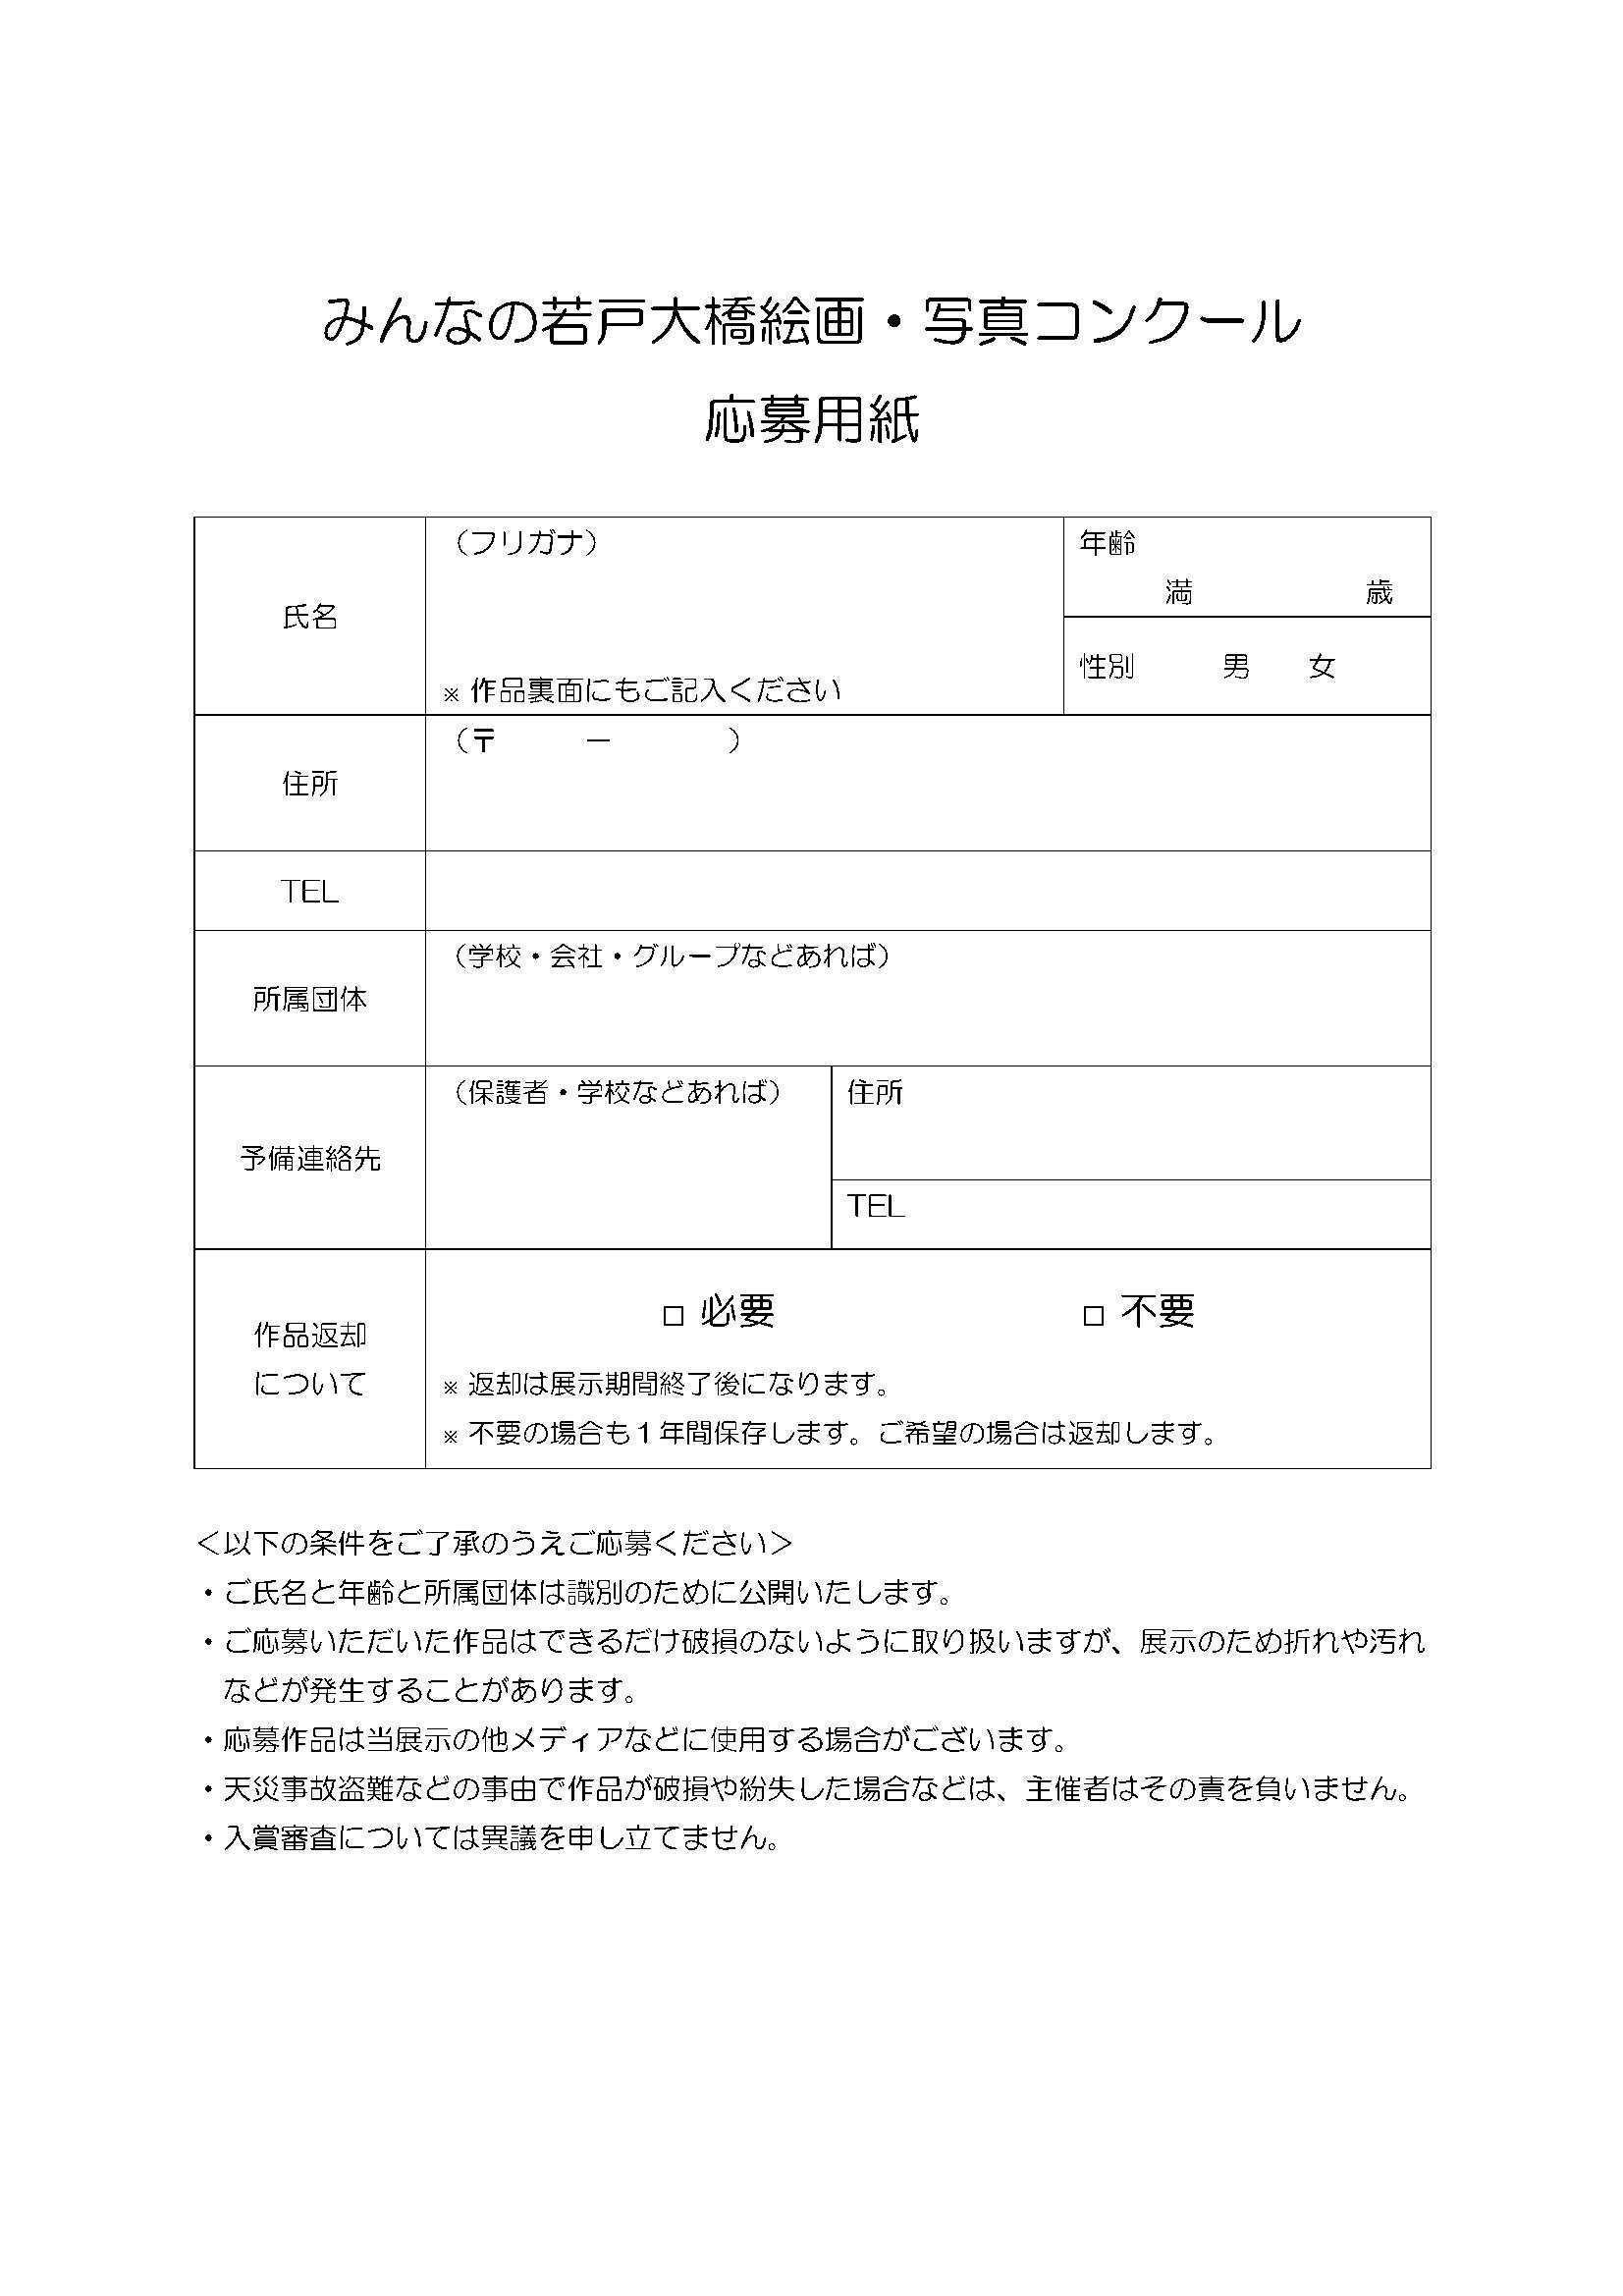 若戸大橋絵画・写真コンクール_e0198627_13331887.jpg